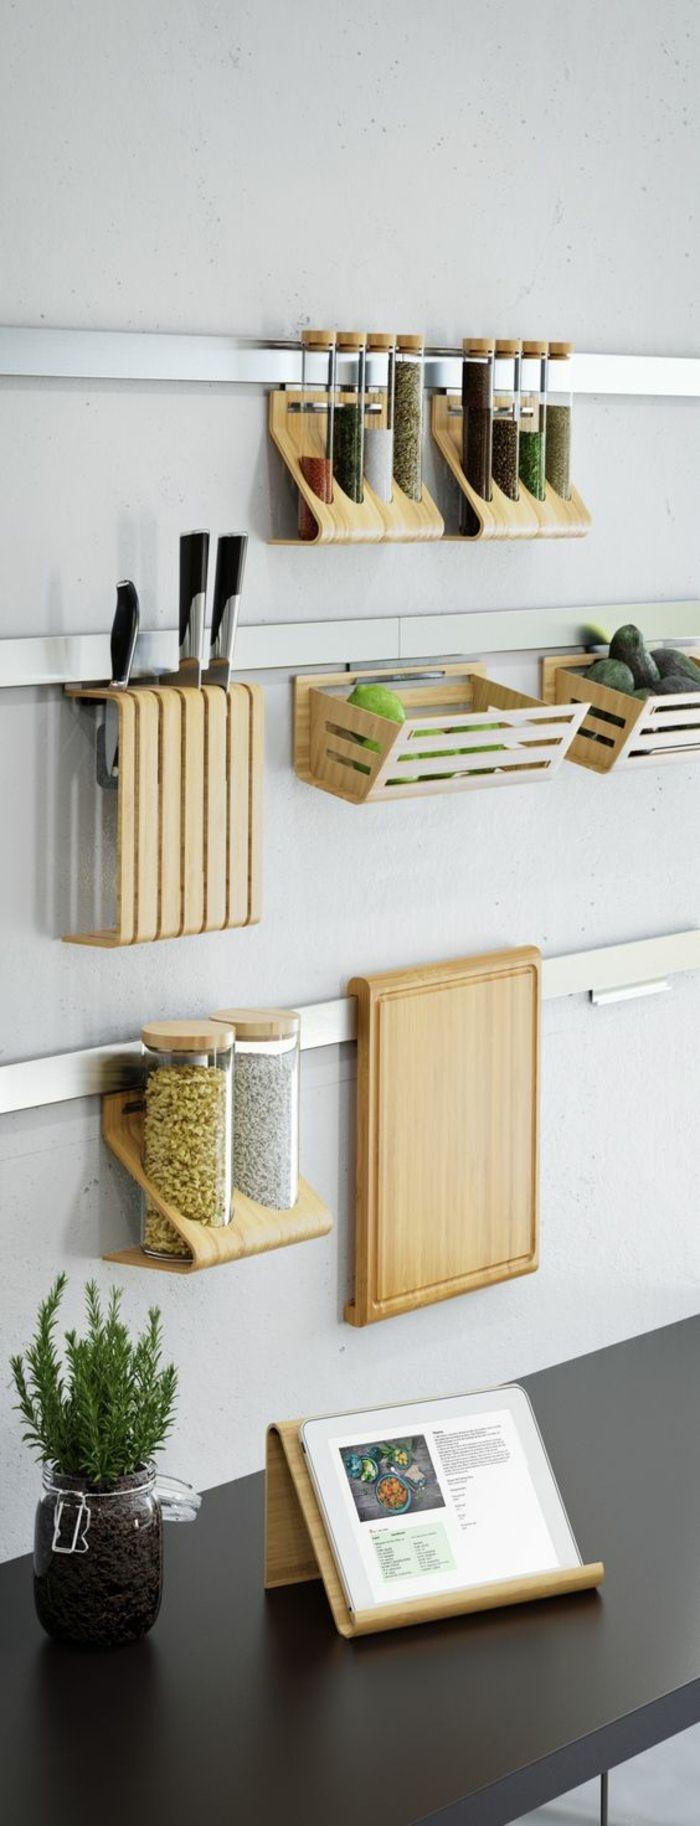 Le Rangement Mural Comment Organiser Bien La Cuisine Ikea